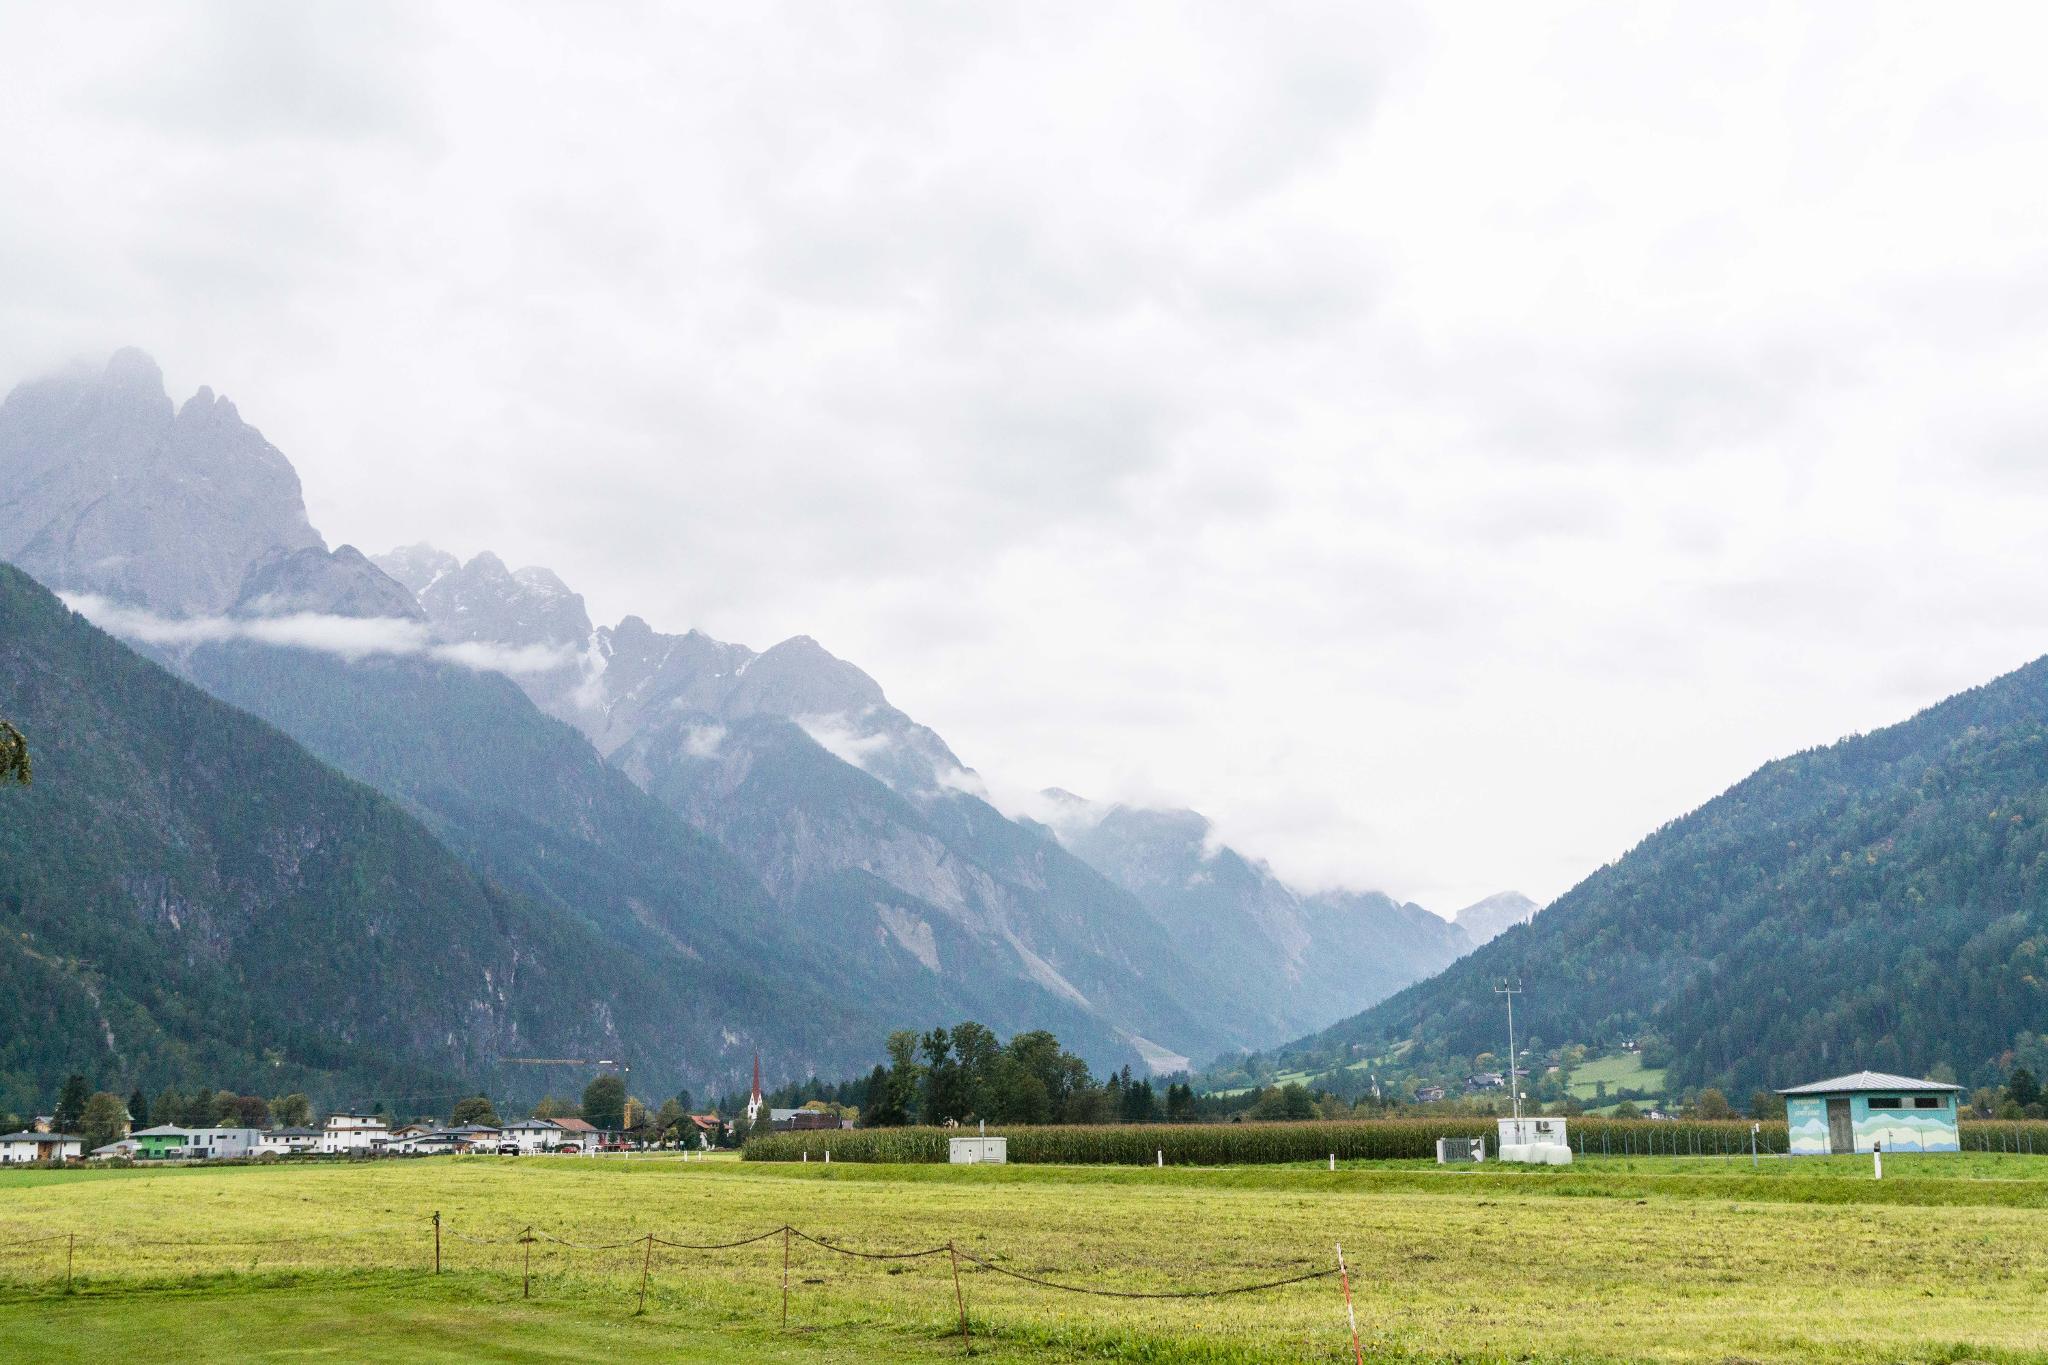 【奧地利】穿越阿爾卑斯之巔 — 奧地利大鐘山冰河公路 (Grossglockner High Alpine Road) 6